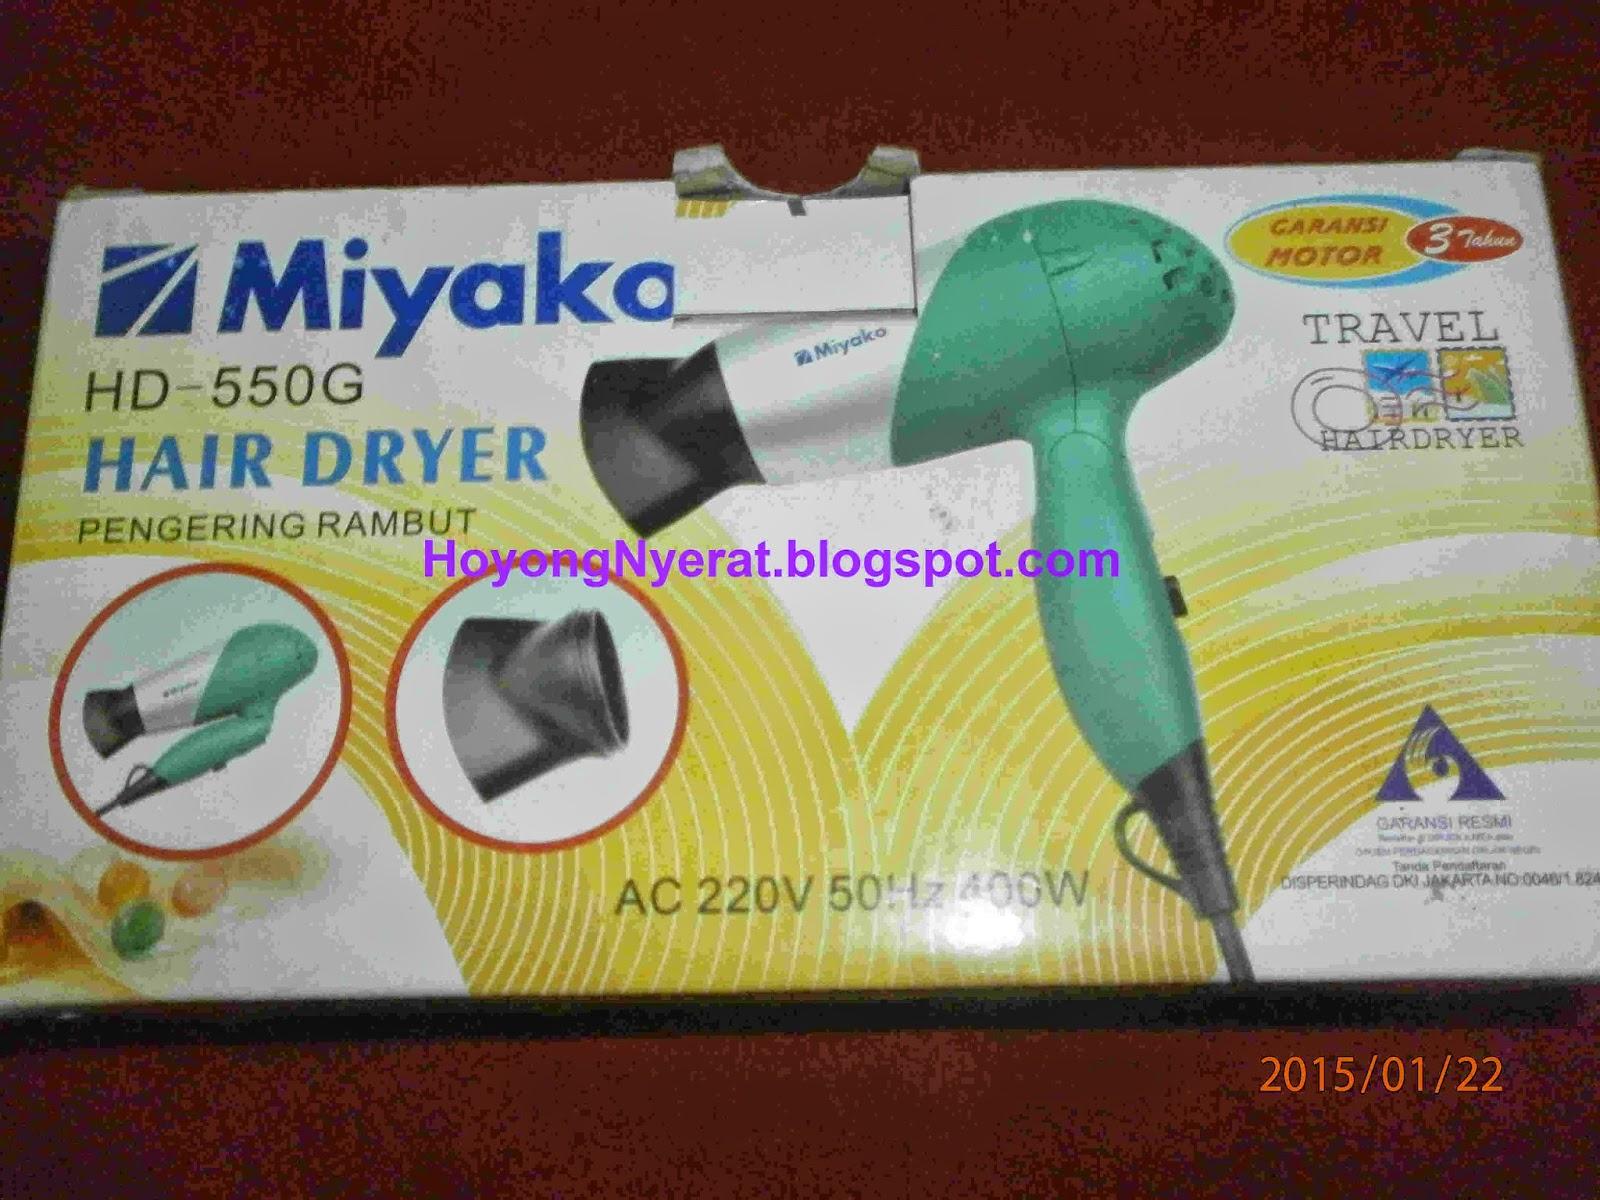 ... hairdryer dari merk Miyako dengan jenis HD-550G. Warnannya hijau 3c723dcf44